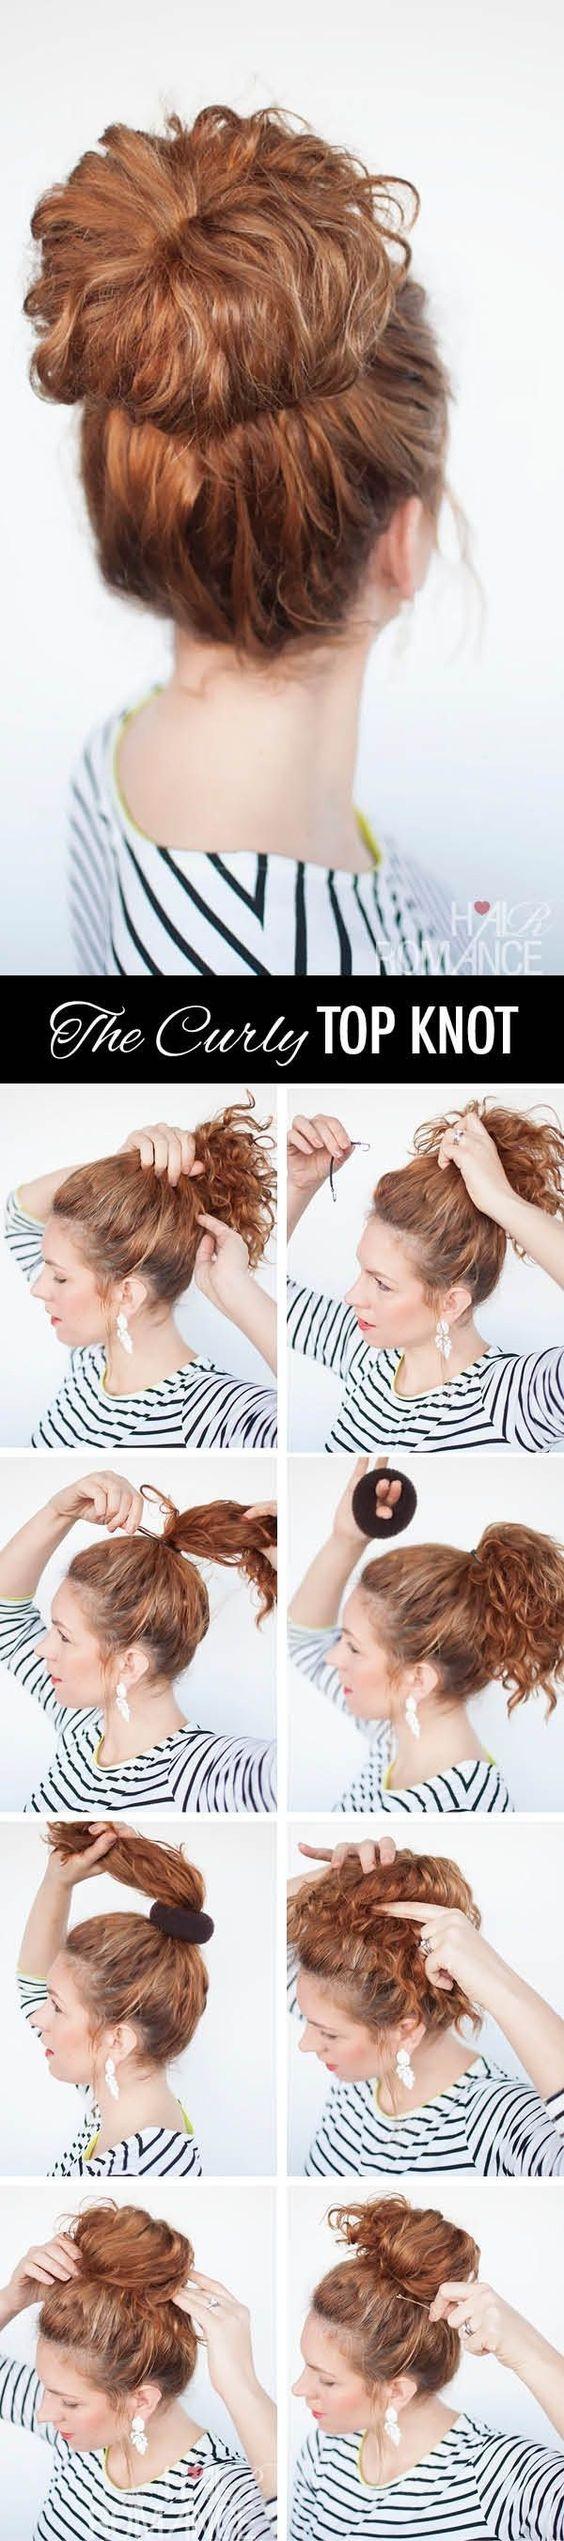 Recoge tu cabello en un moño rizado. | 21 Peinados que puedes hacer en menos de cinco minutos: